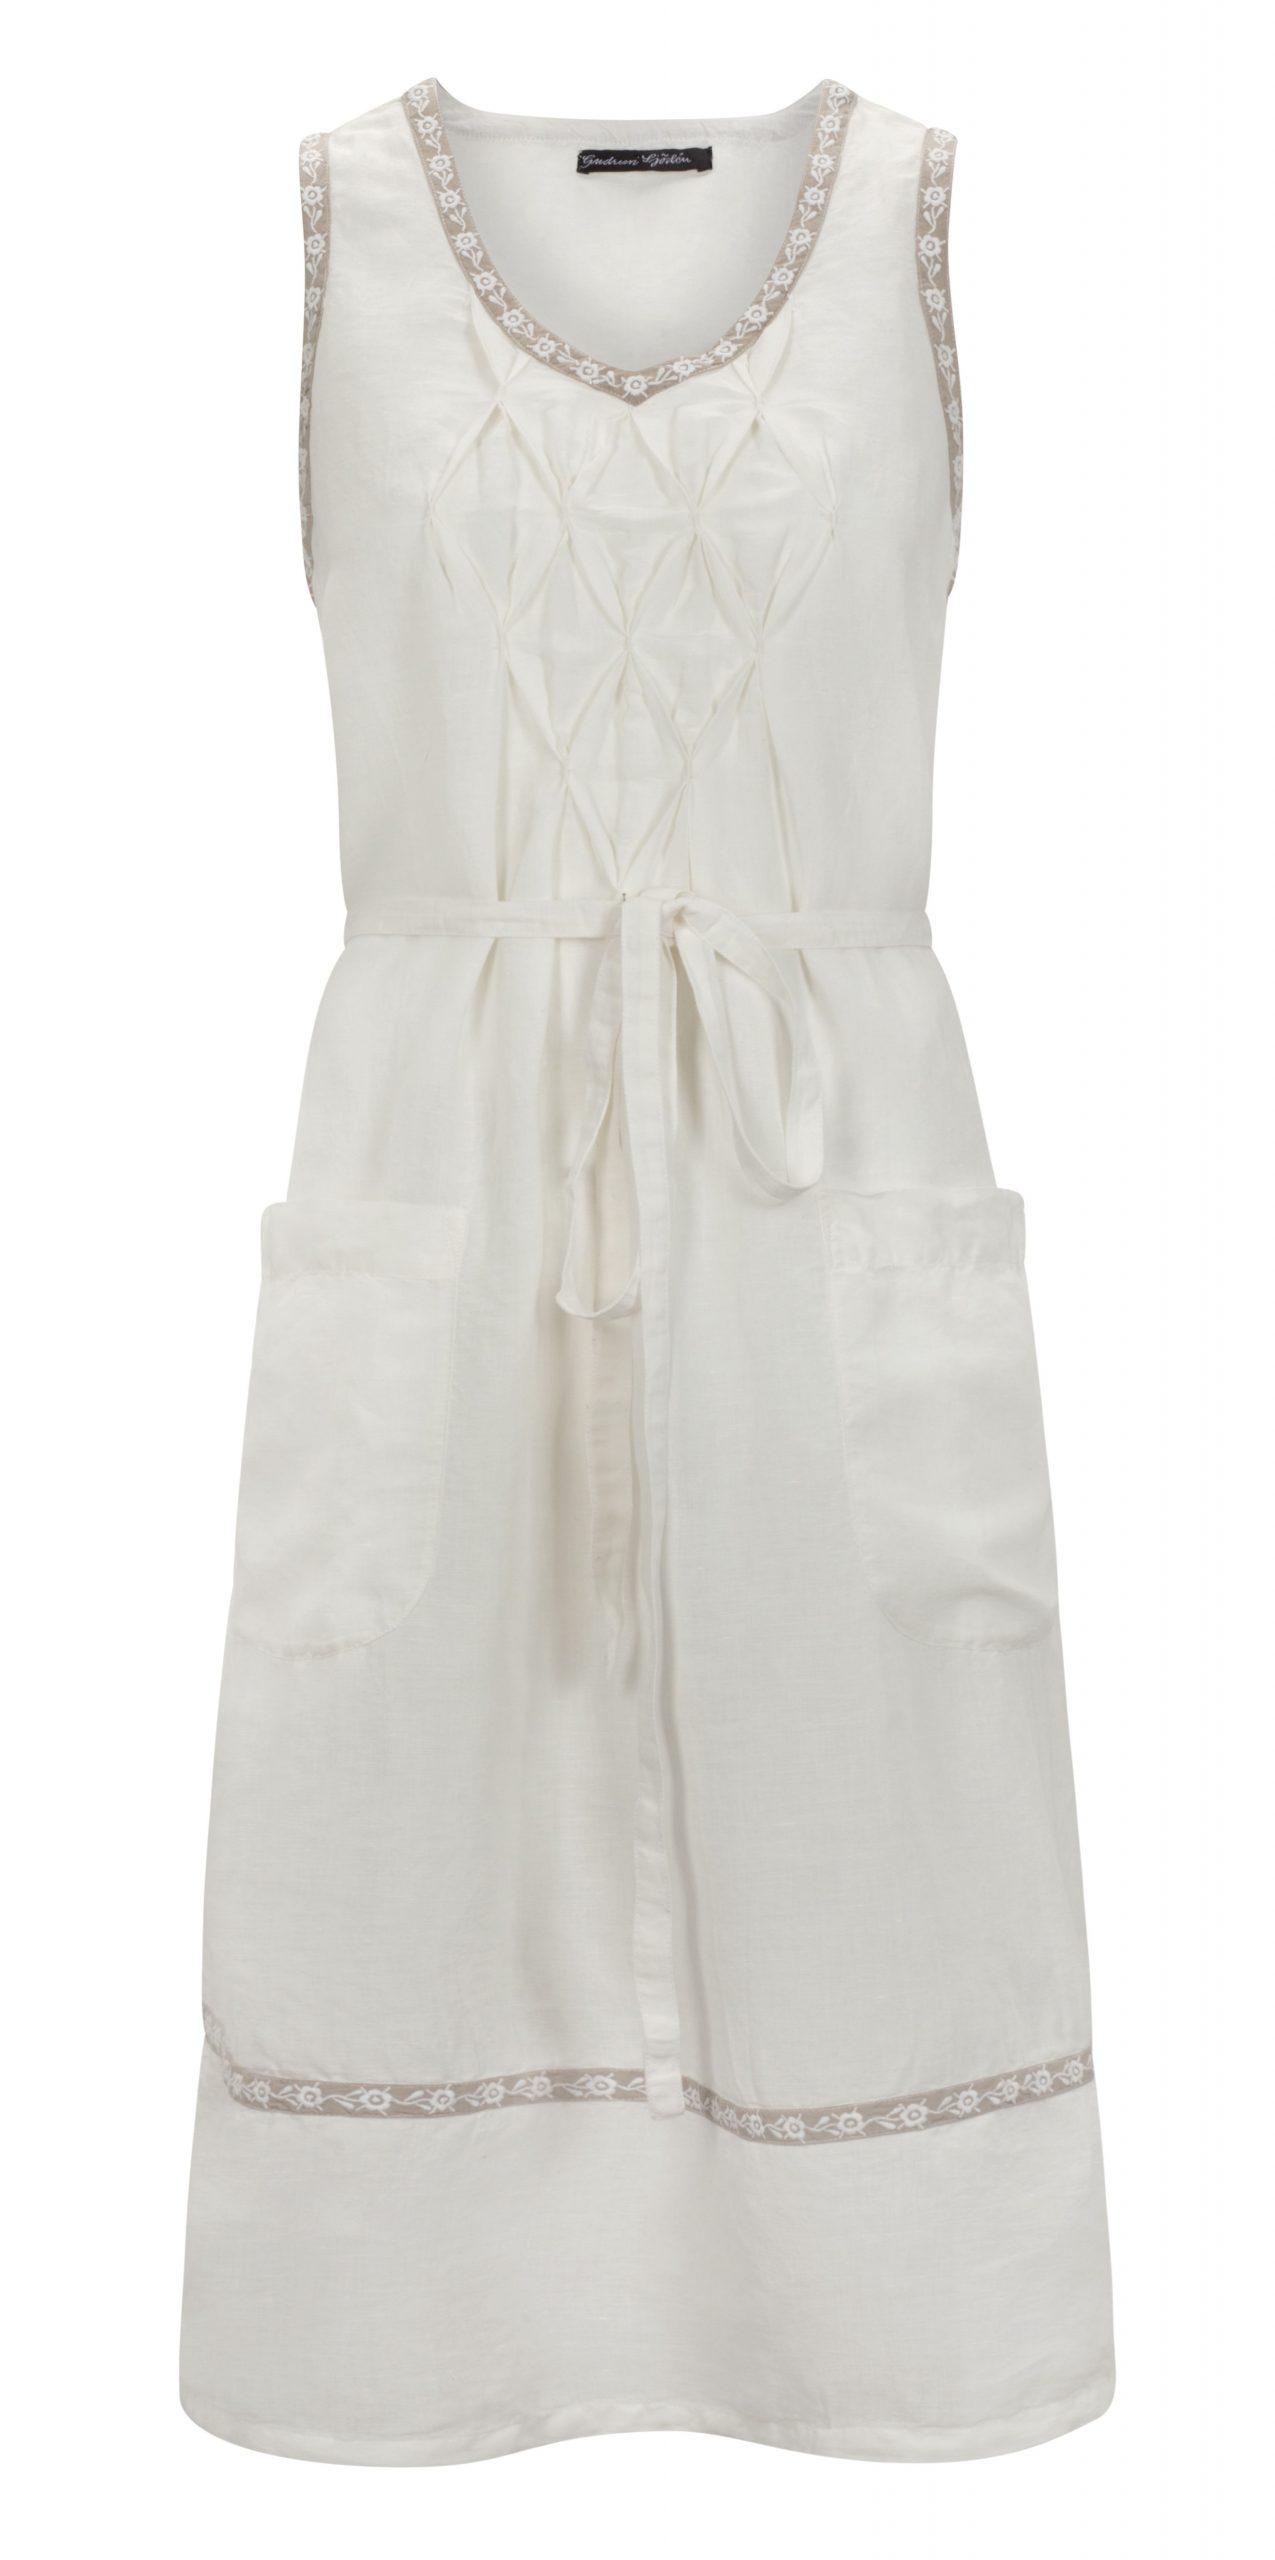 Sommermode 2013  Weißes Leinenkleid Das Sich Optimal